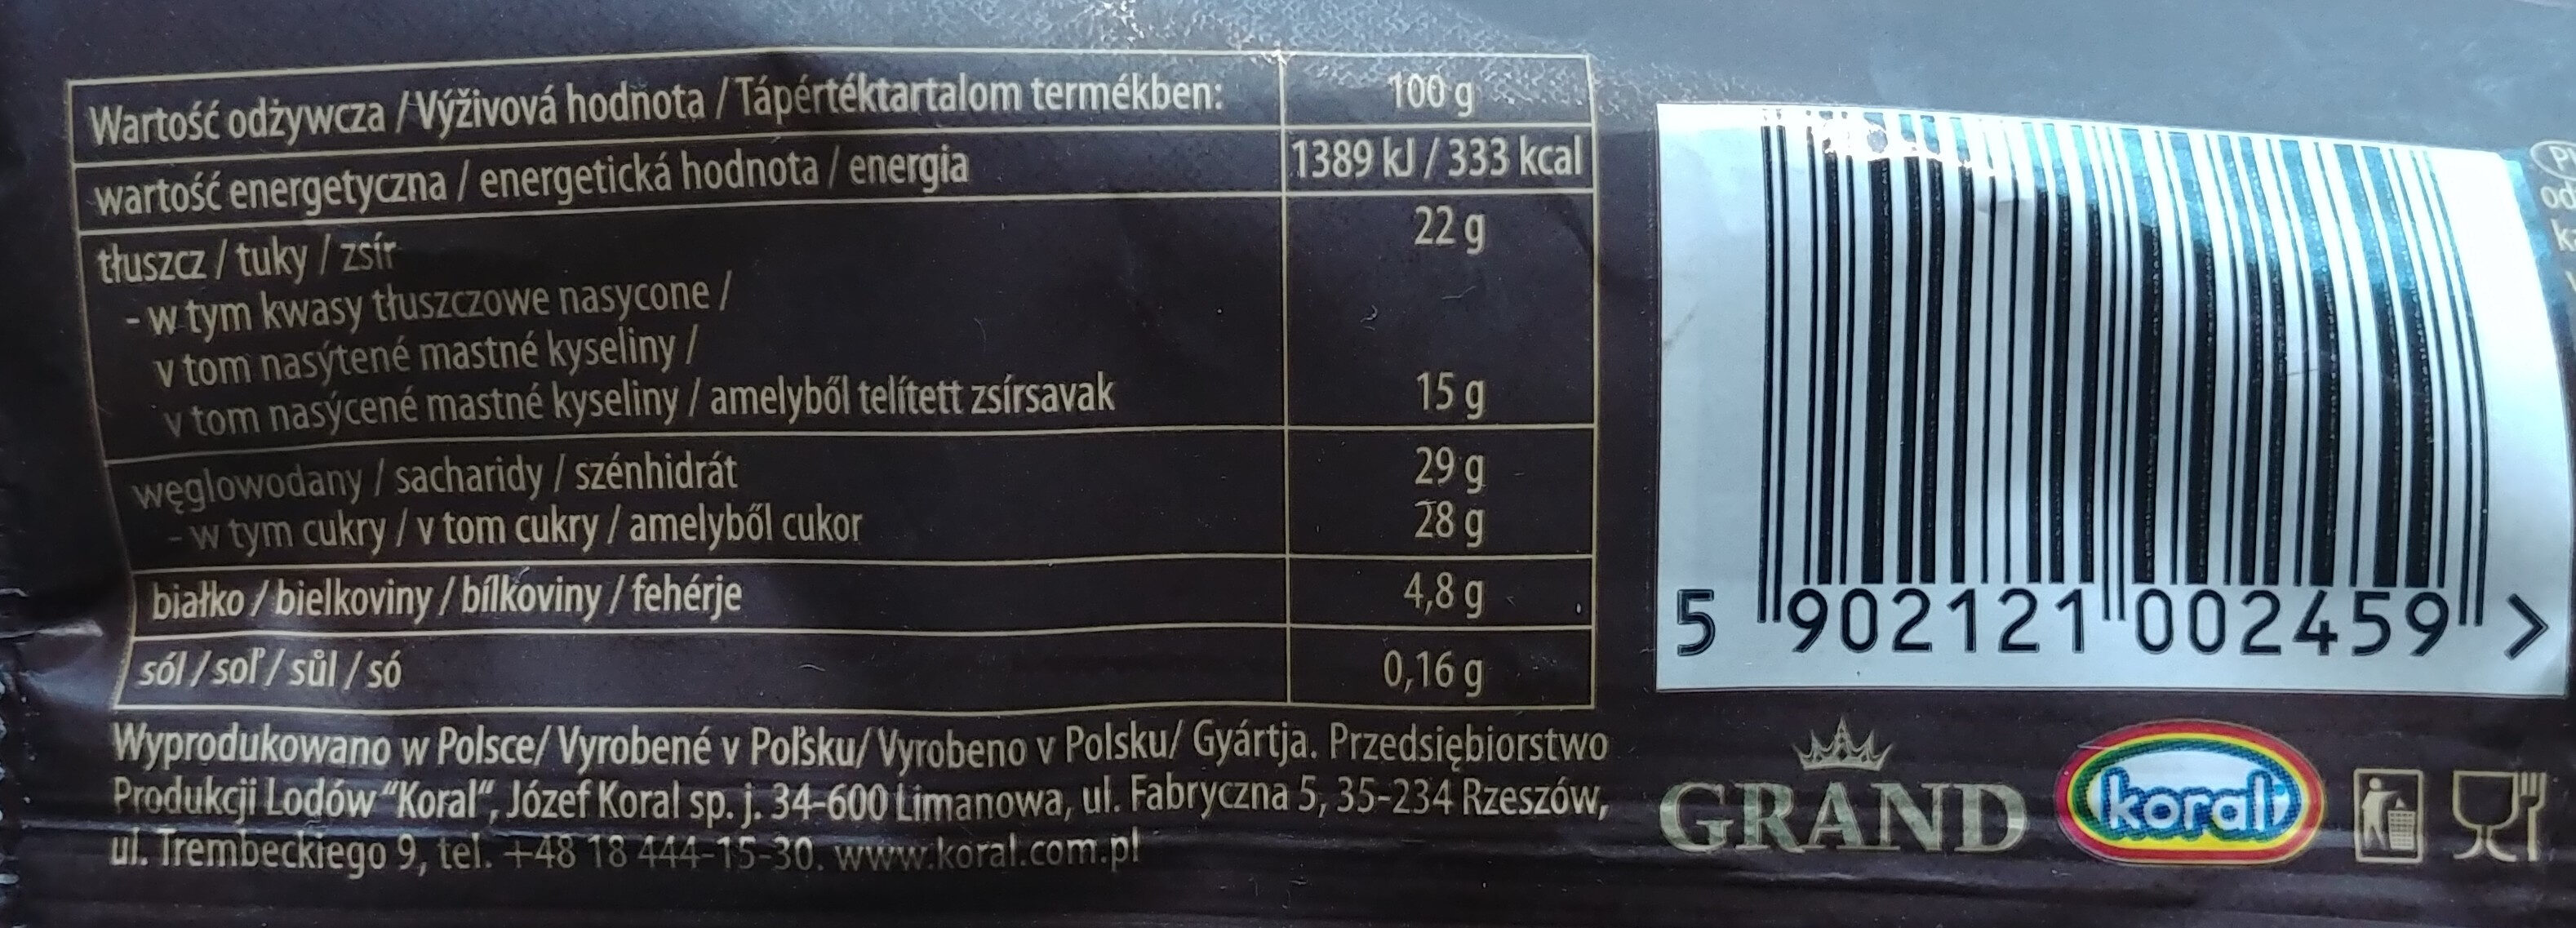 Lody śmietankowo-orzechowe w czekoladzie z orzeszkami. - Wartości odżywcze - pl